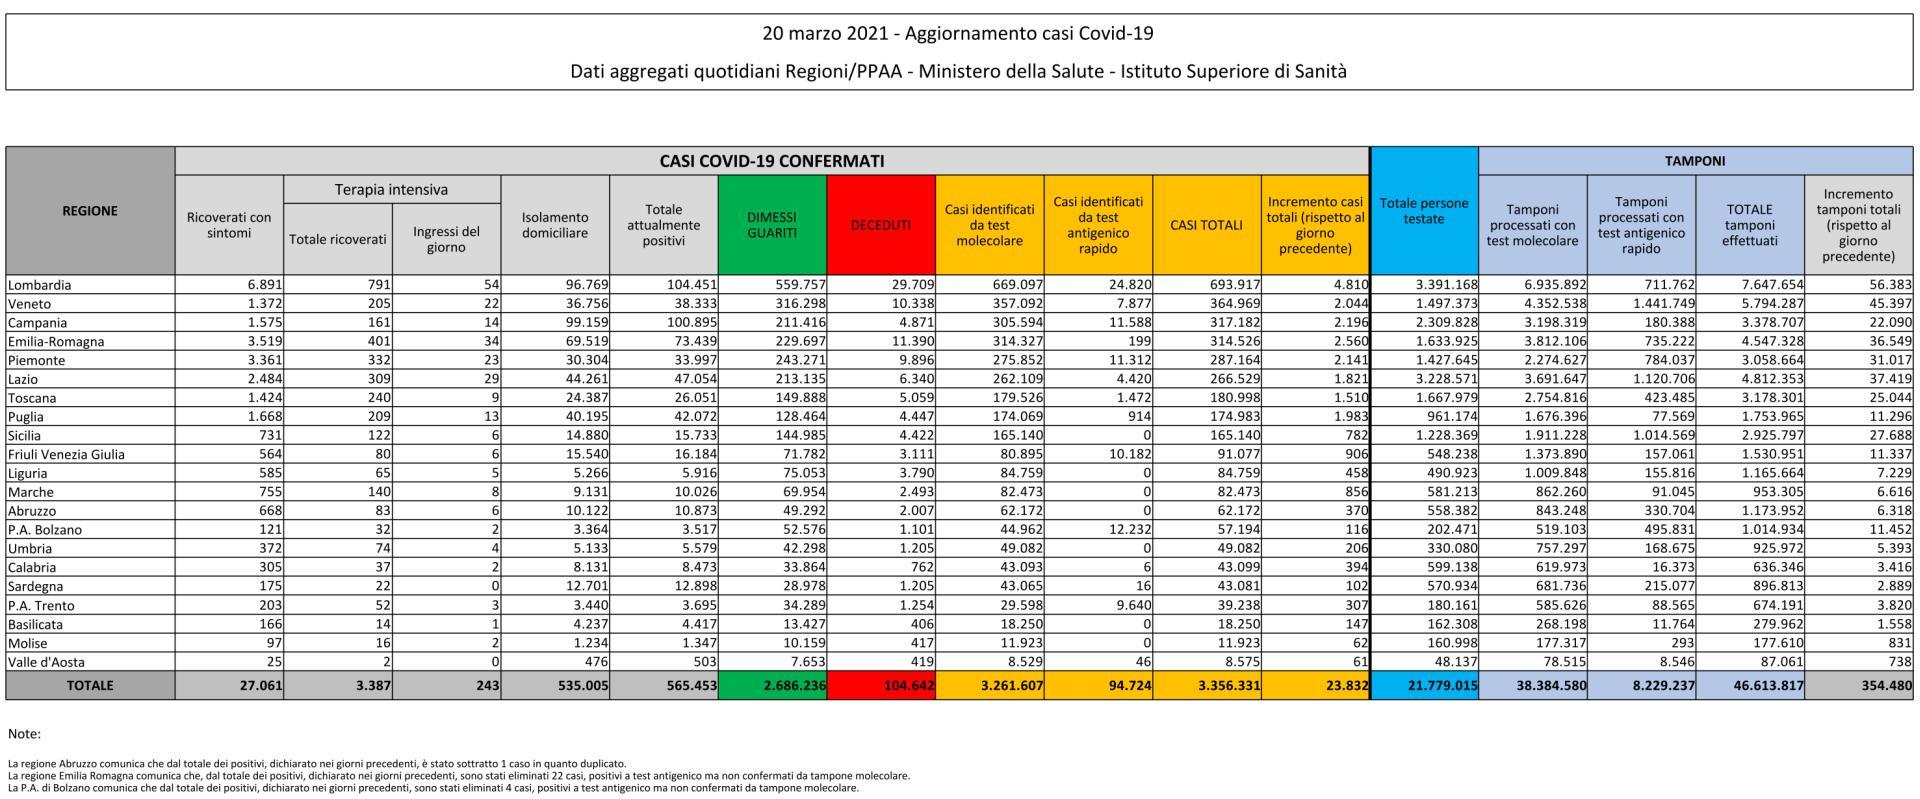 20 marzo 2021 - Aggiornamento casi Covid-19 Dati aggregati quotidiani Regioni/PPAA - Ministero della Salute - Istituto Superiore di Sanità